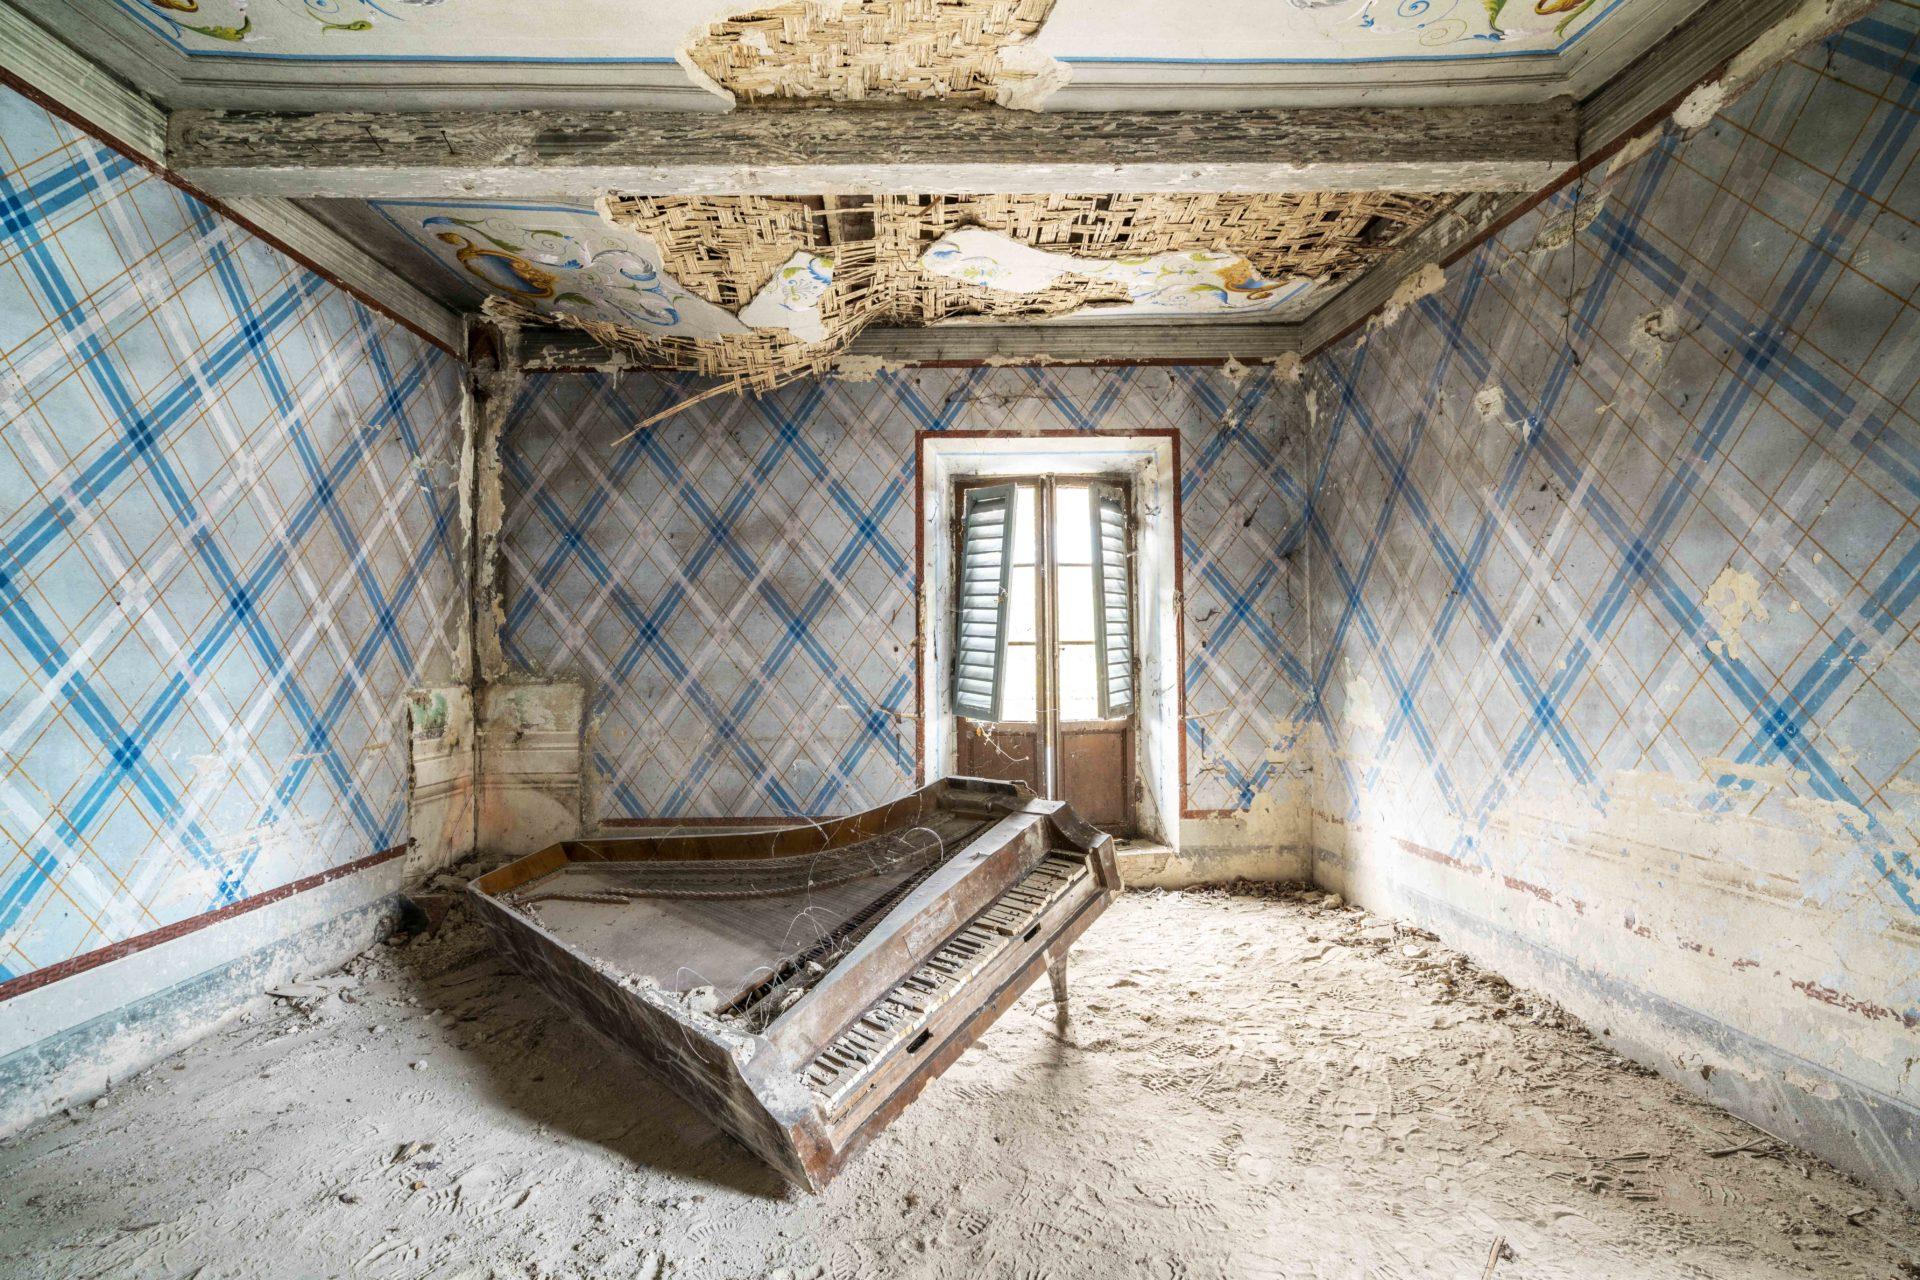 Requiem pour pianos 75 | Serie Requiem pour pianos | Romain Thiery | Italy